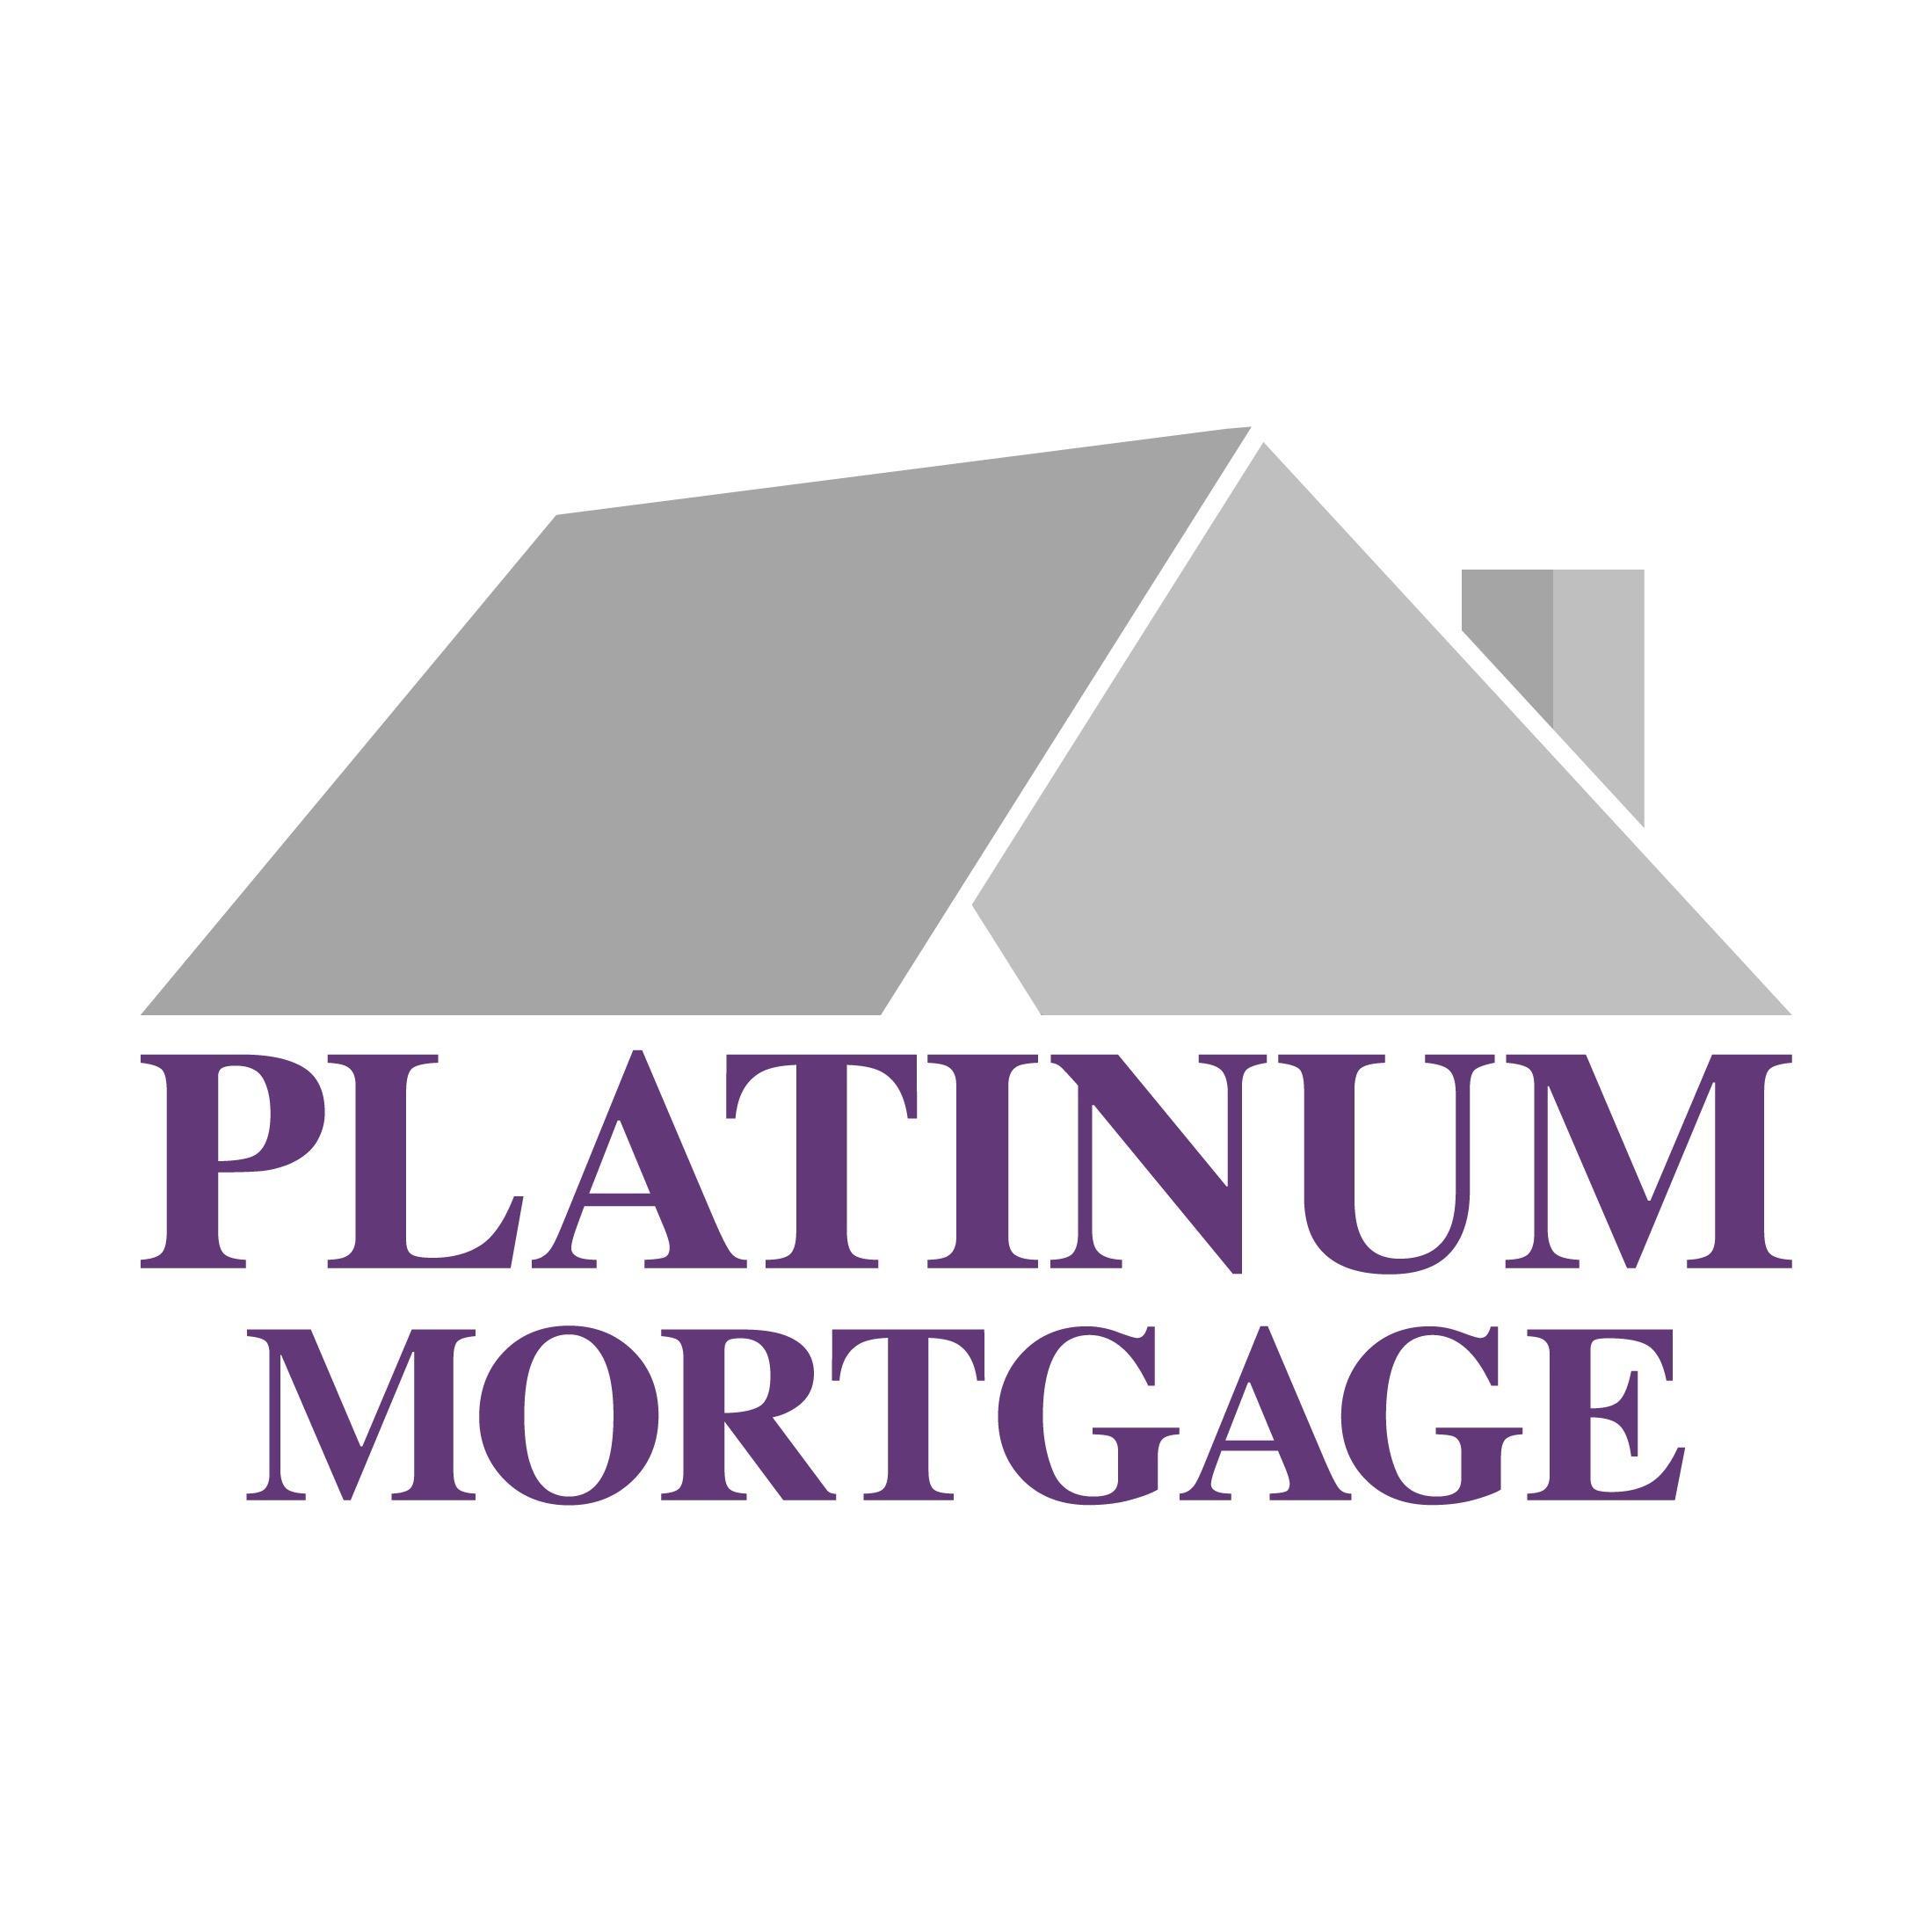 Platinum Mortgage